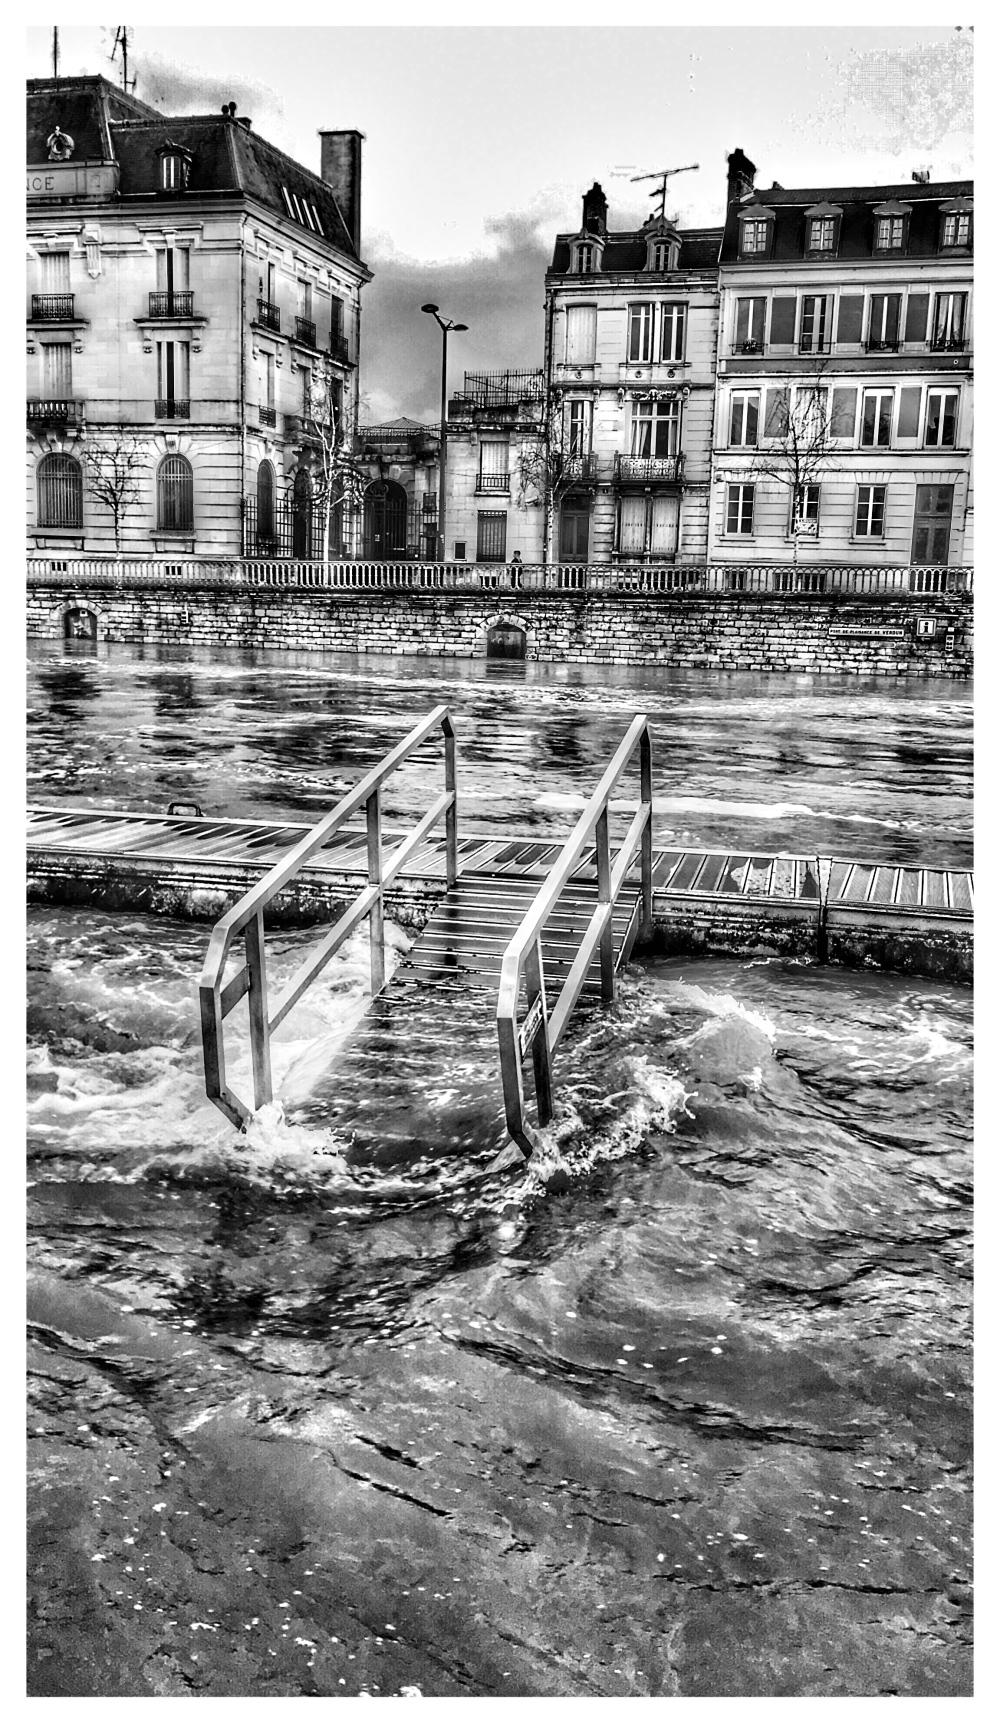 Une ville inondée